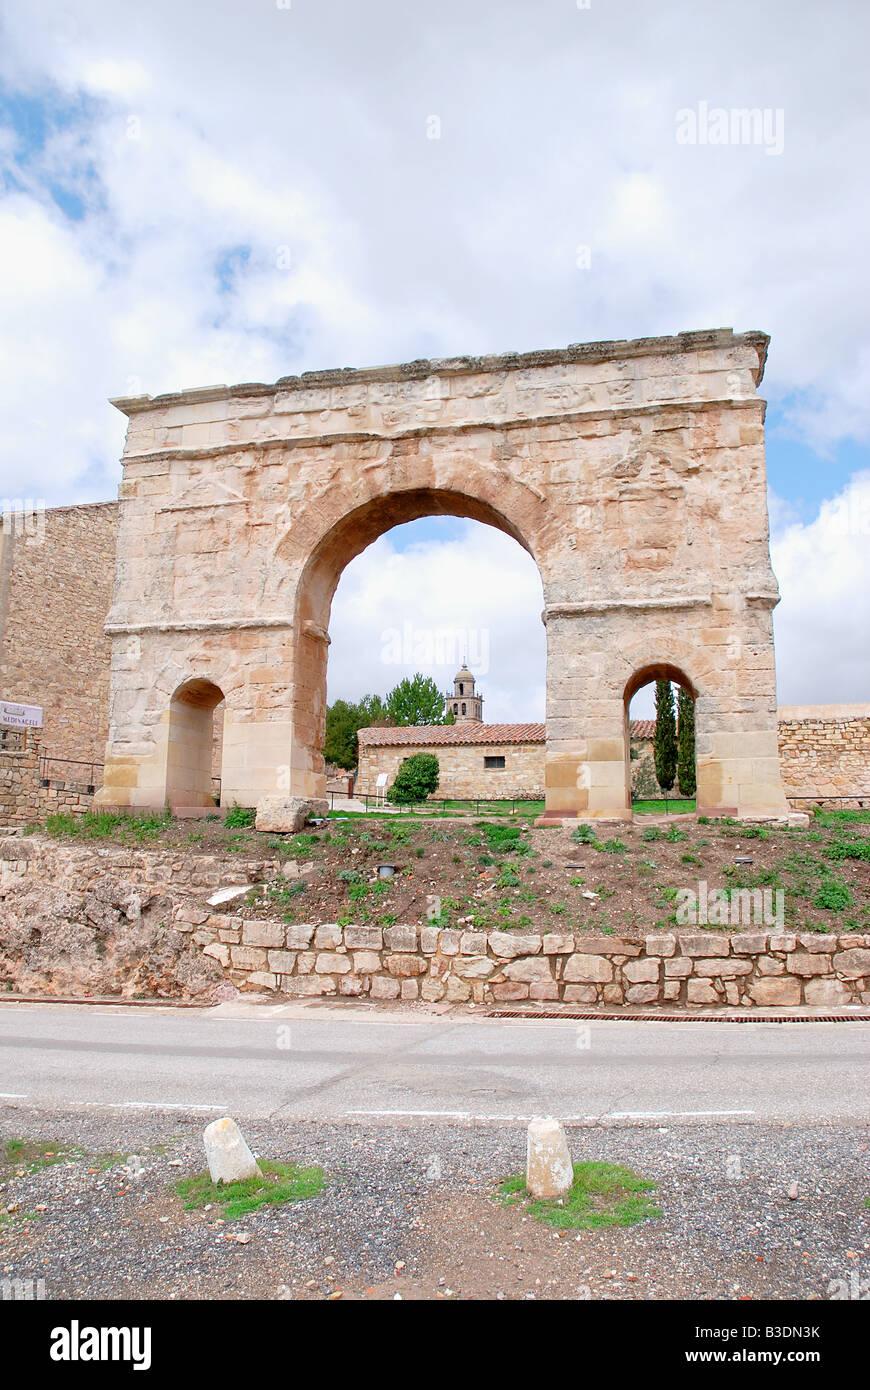 Roman arch. Medinaceli. Soria province. Castile Leon. Spain. - Stock Image